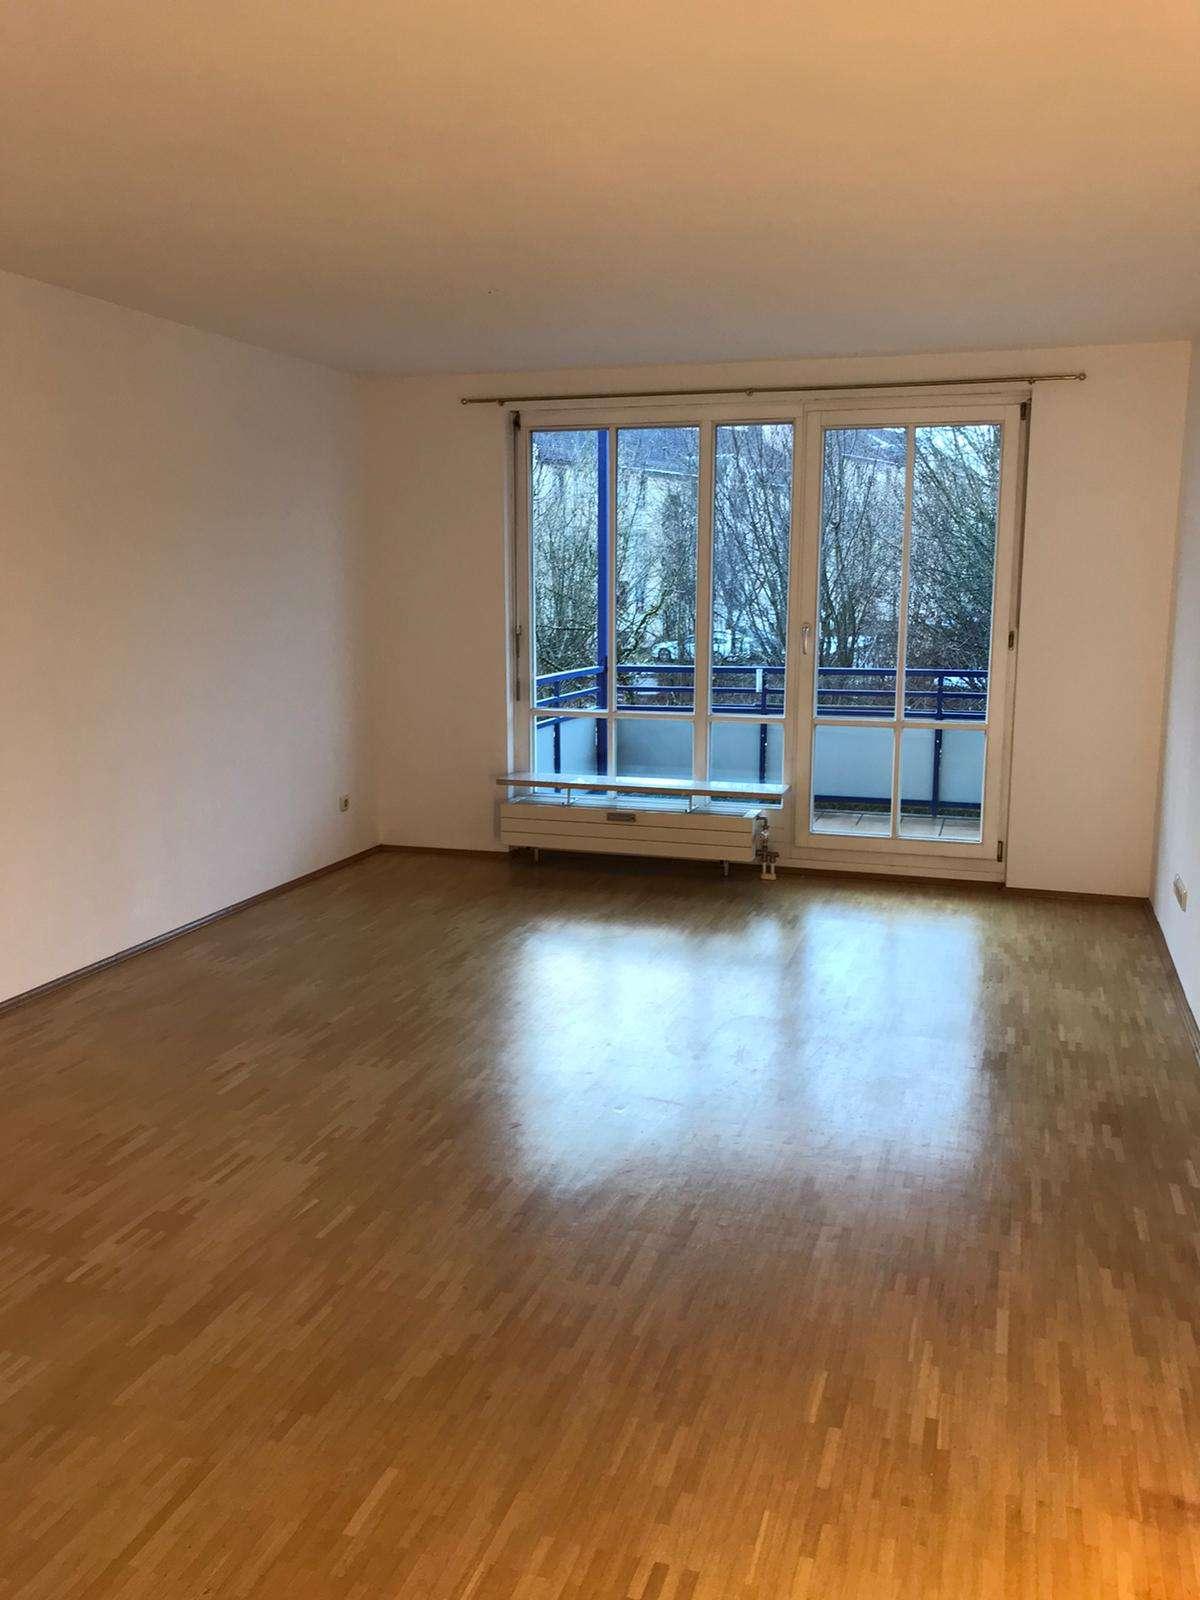 Helle, neuwertige 3-Zimmer-Wohnung mit überdachtem Balkon und Einbauküche in Obermenzing, München in Obermenzing (München)